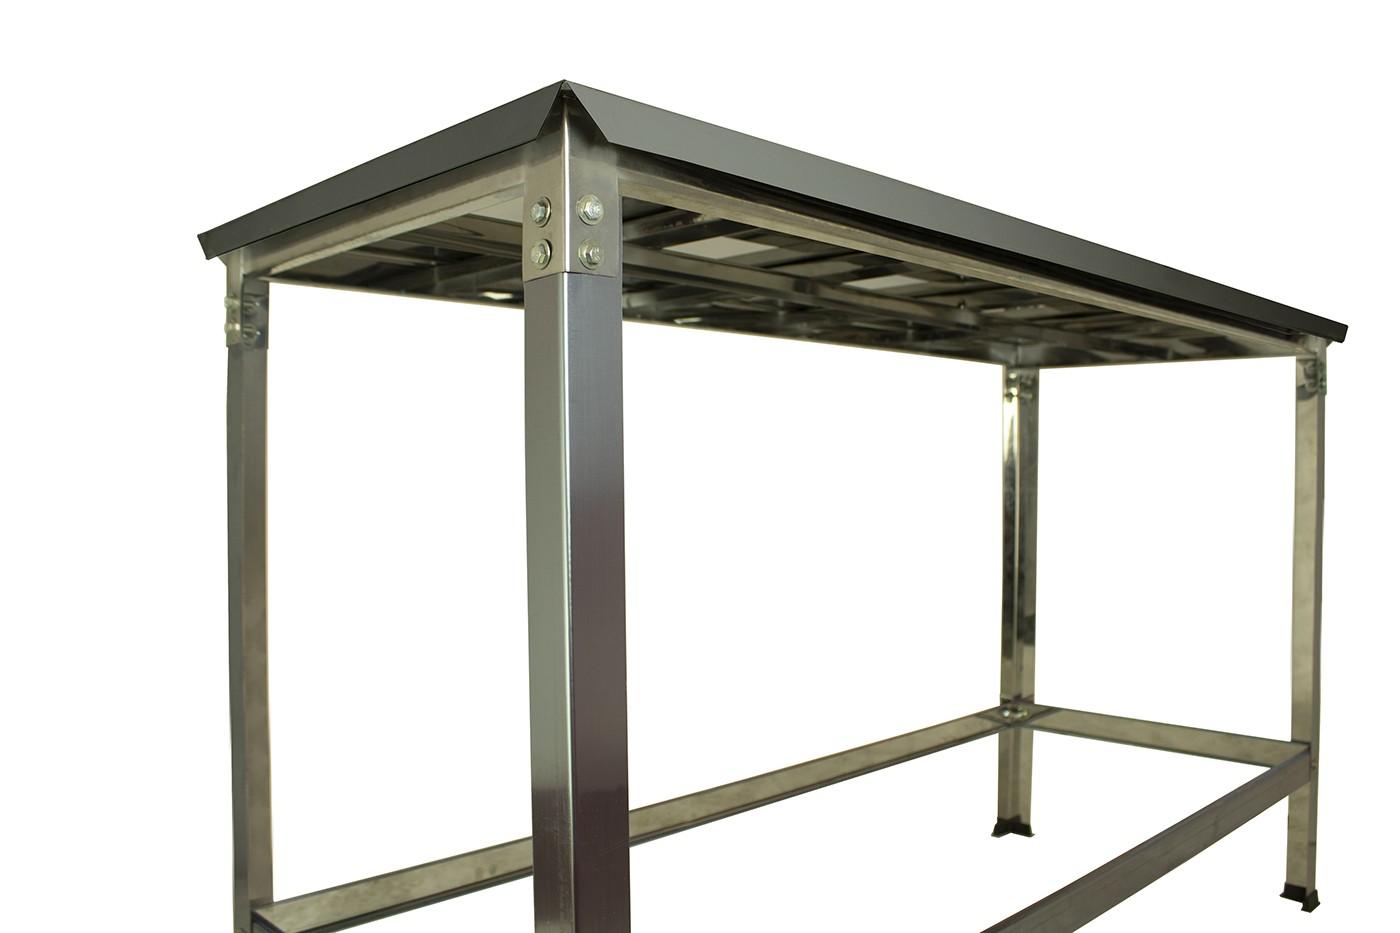 Mesa Total Inox 1,40 x 0,55 SDT  - EKENOX- Equipamentos Industriais